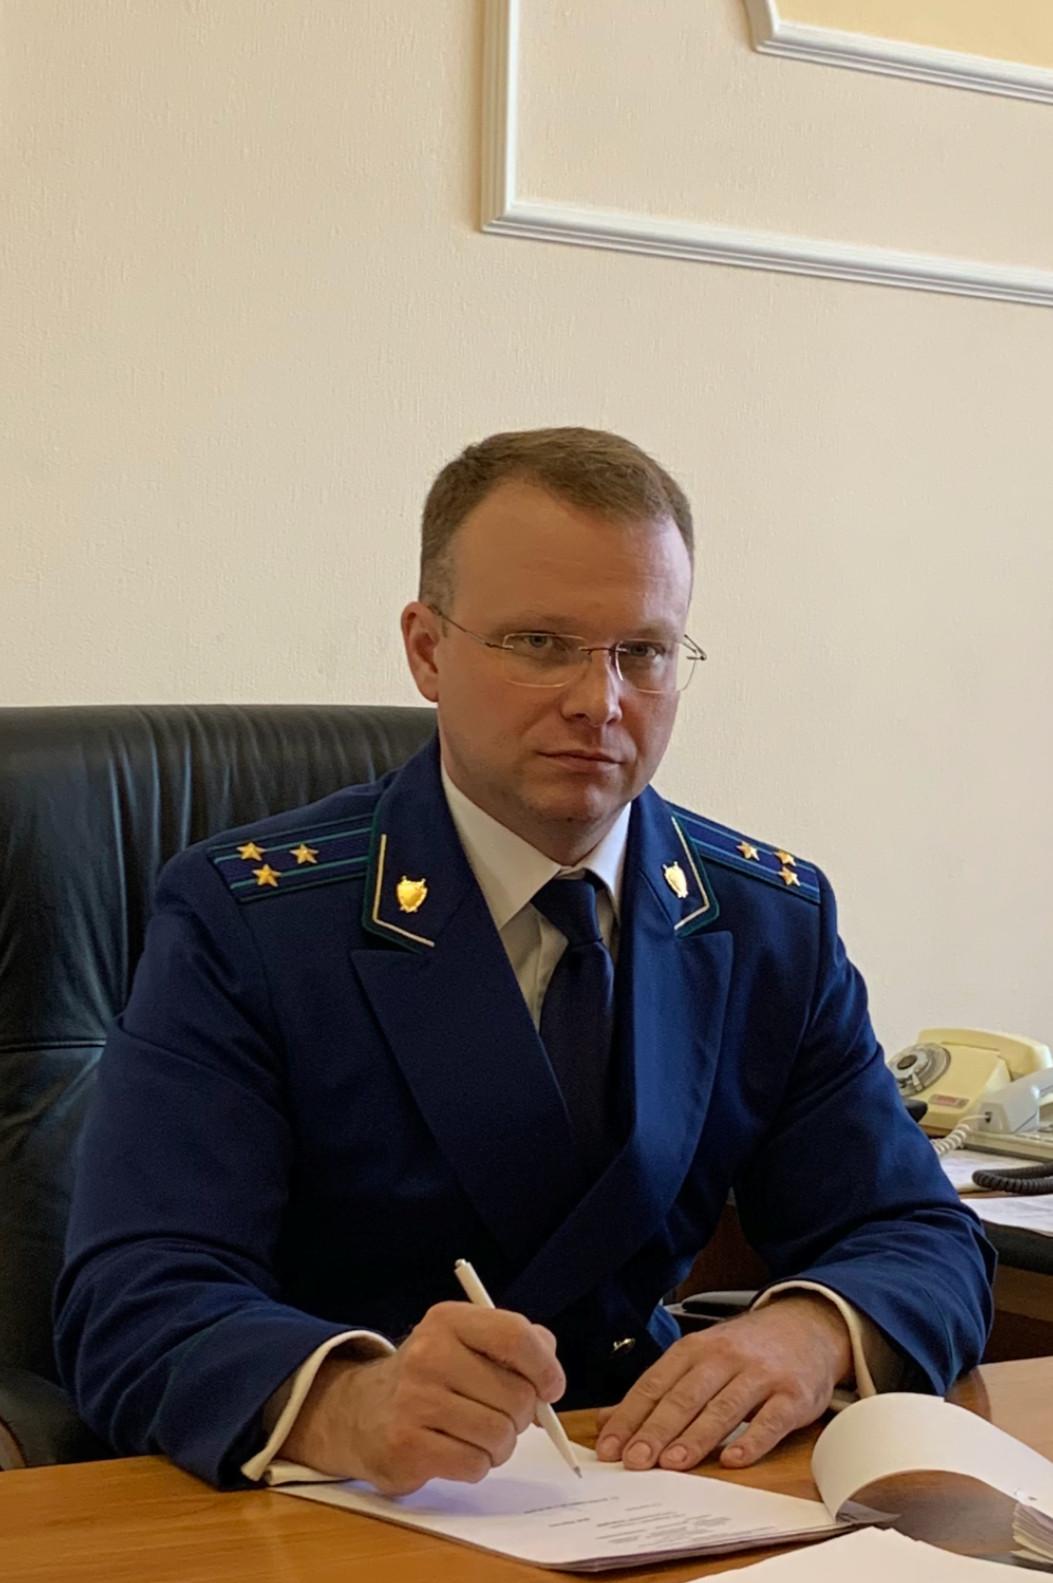 Заместитель начальника управления  - начальник отдела по надзору  за исполнением федерального законодательства